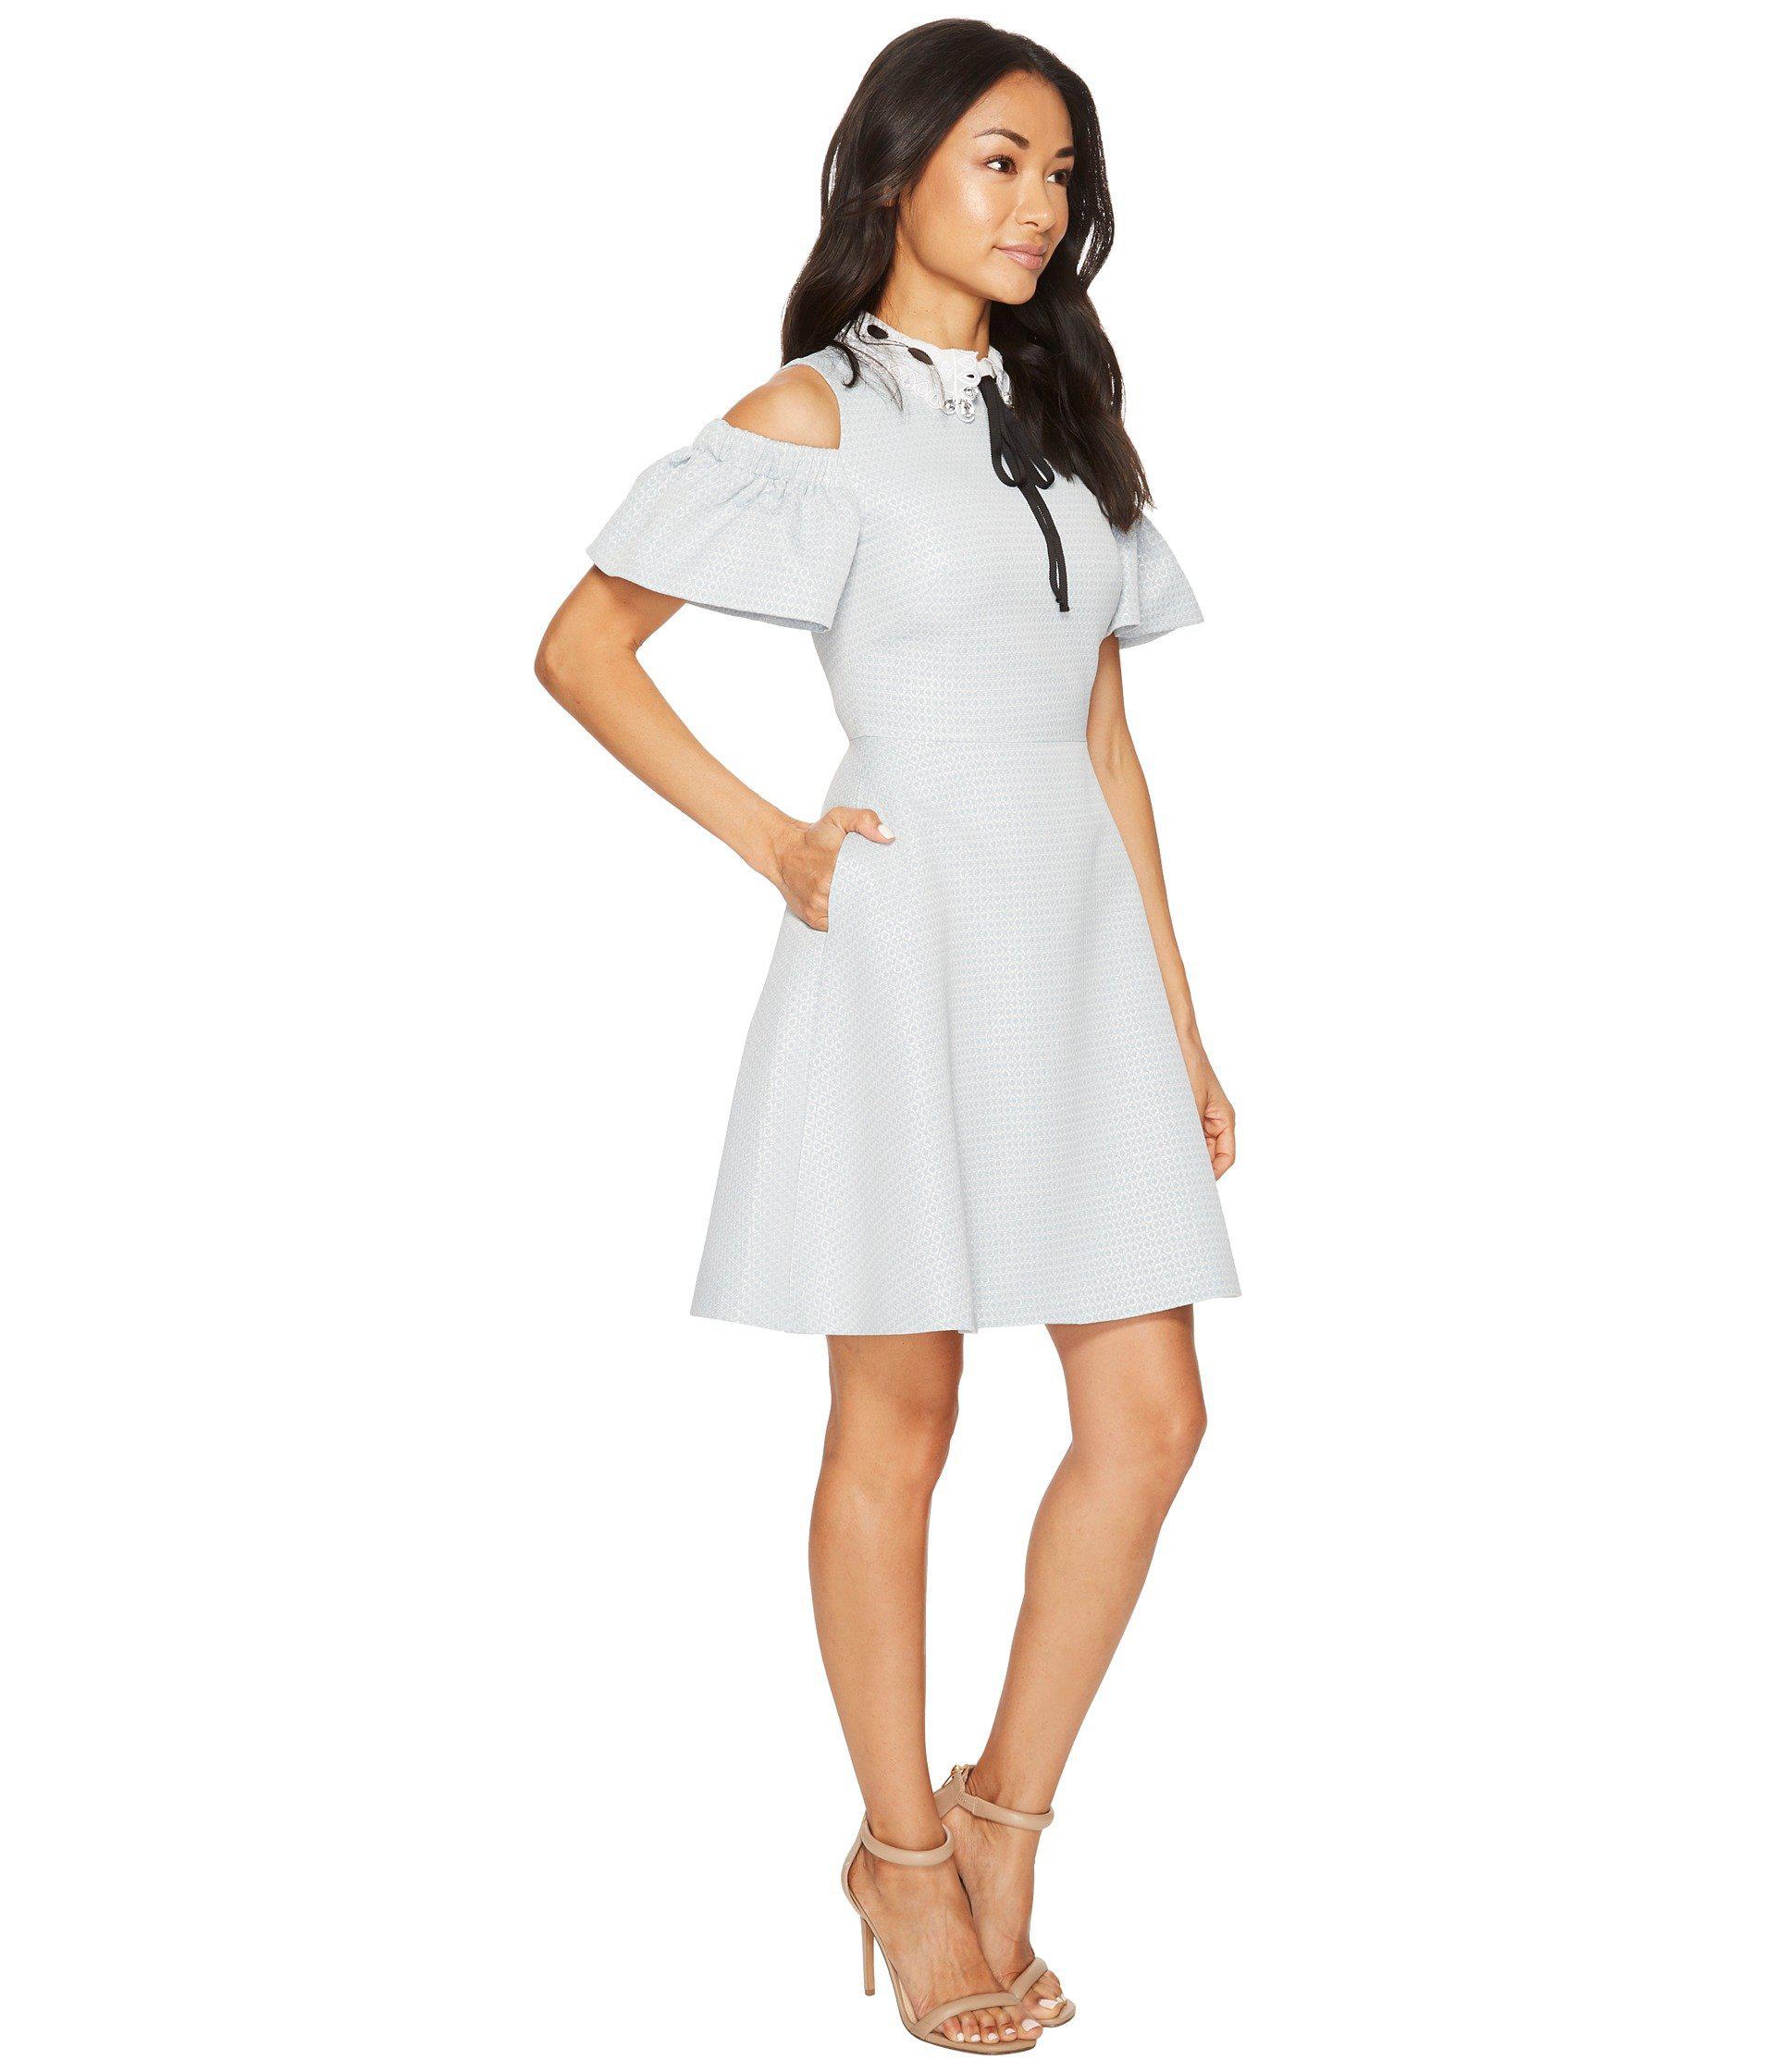 76cbb81d9 Lyst - Ted Baker Araye Cold Shoulder Collar Skater Dress in White